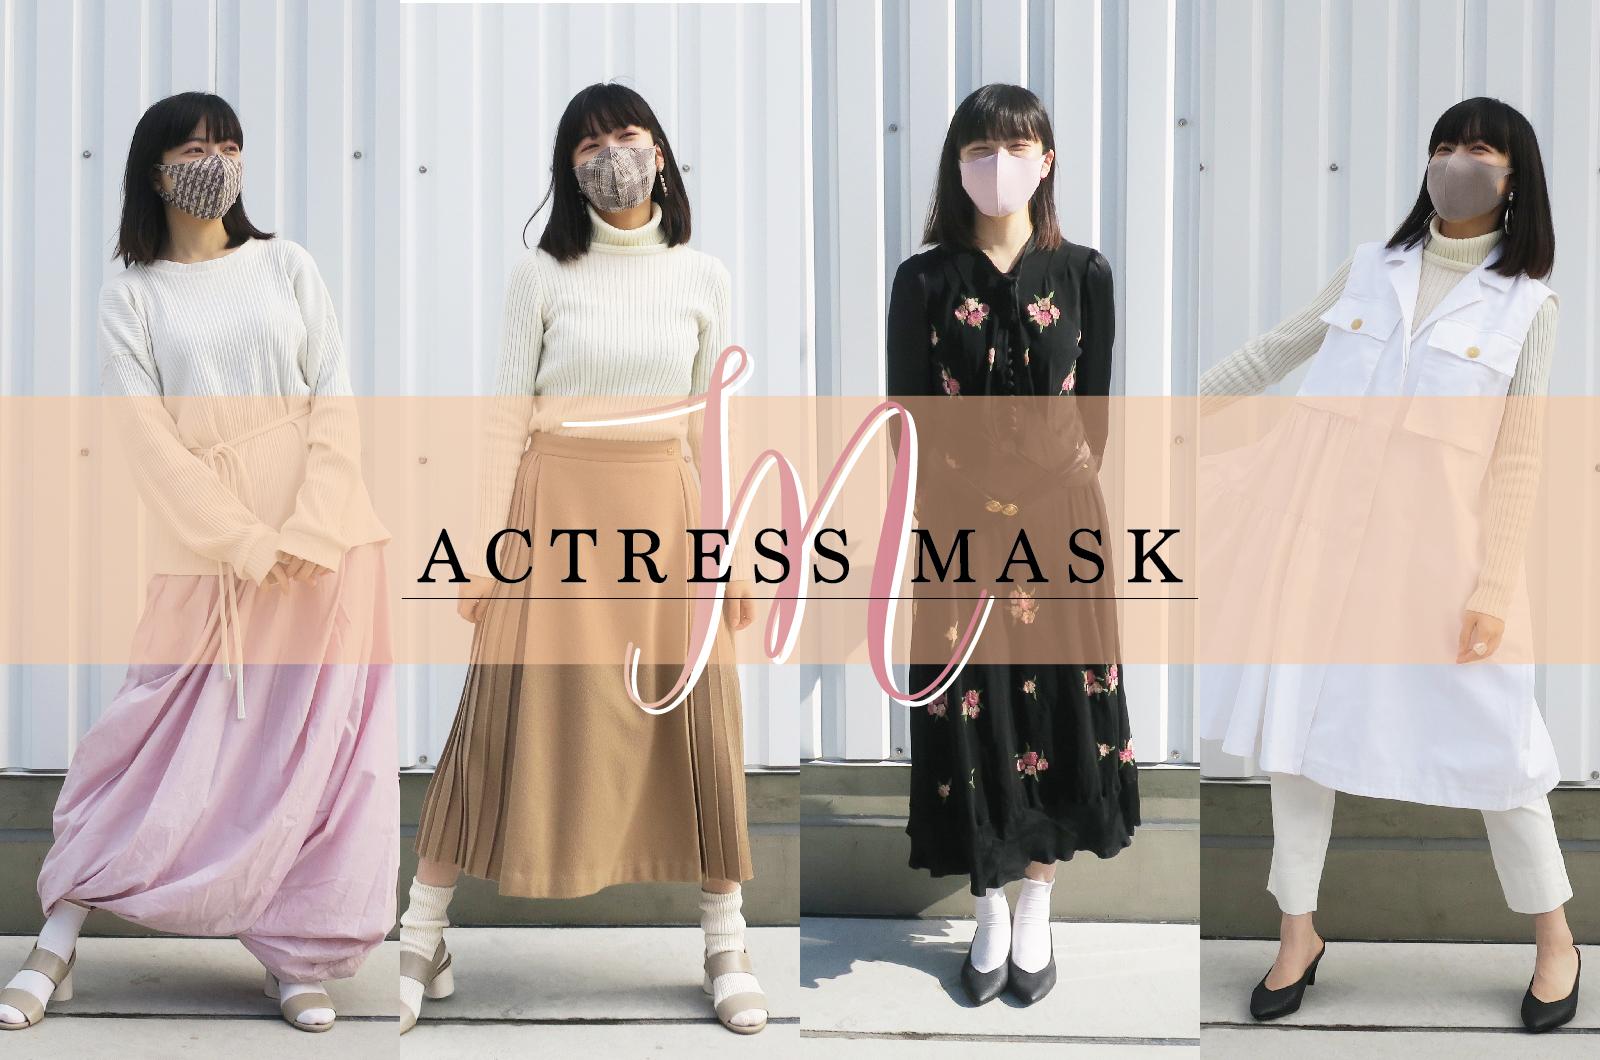 ACTRESS MASK -マスクと春コーデのすすめ- イメージ画像